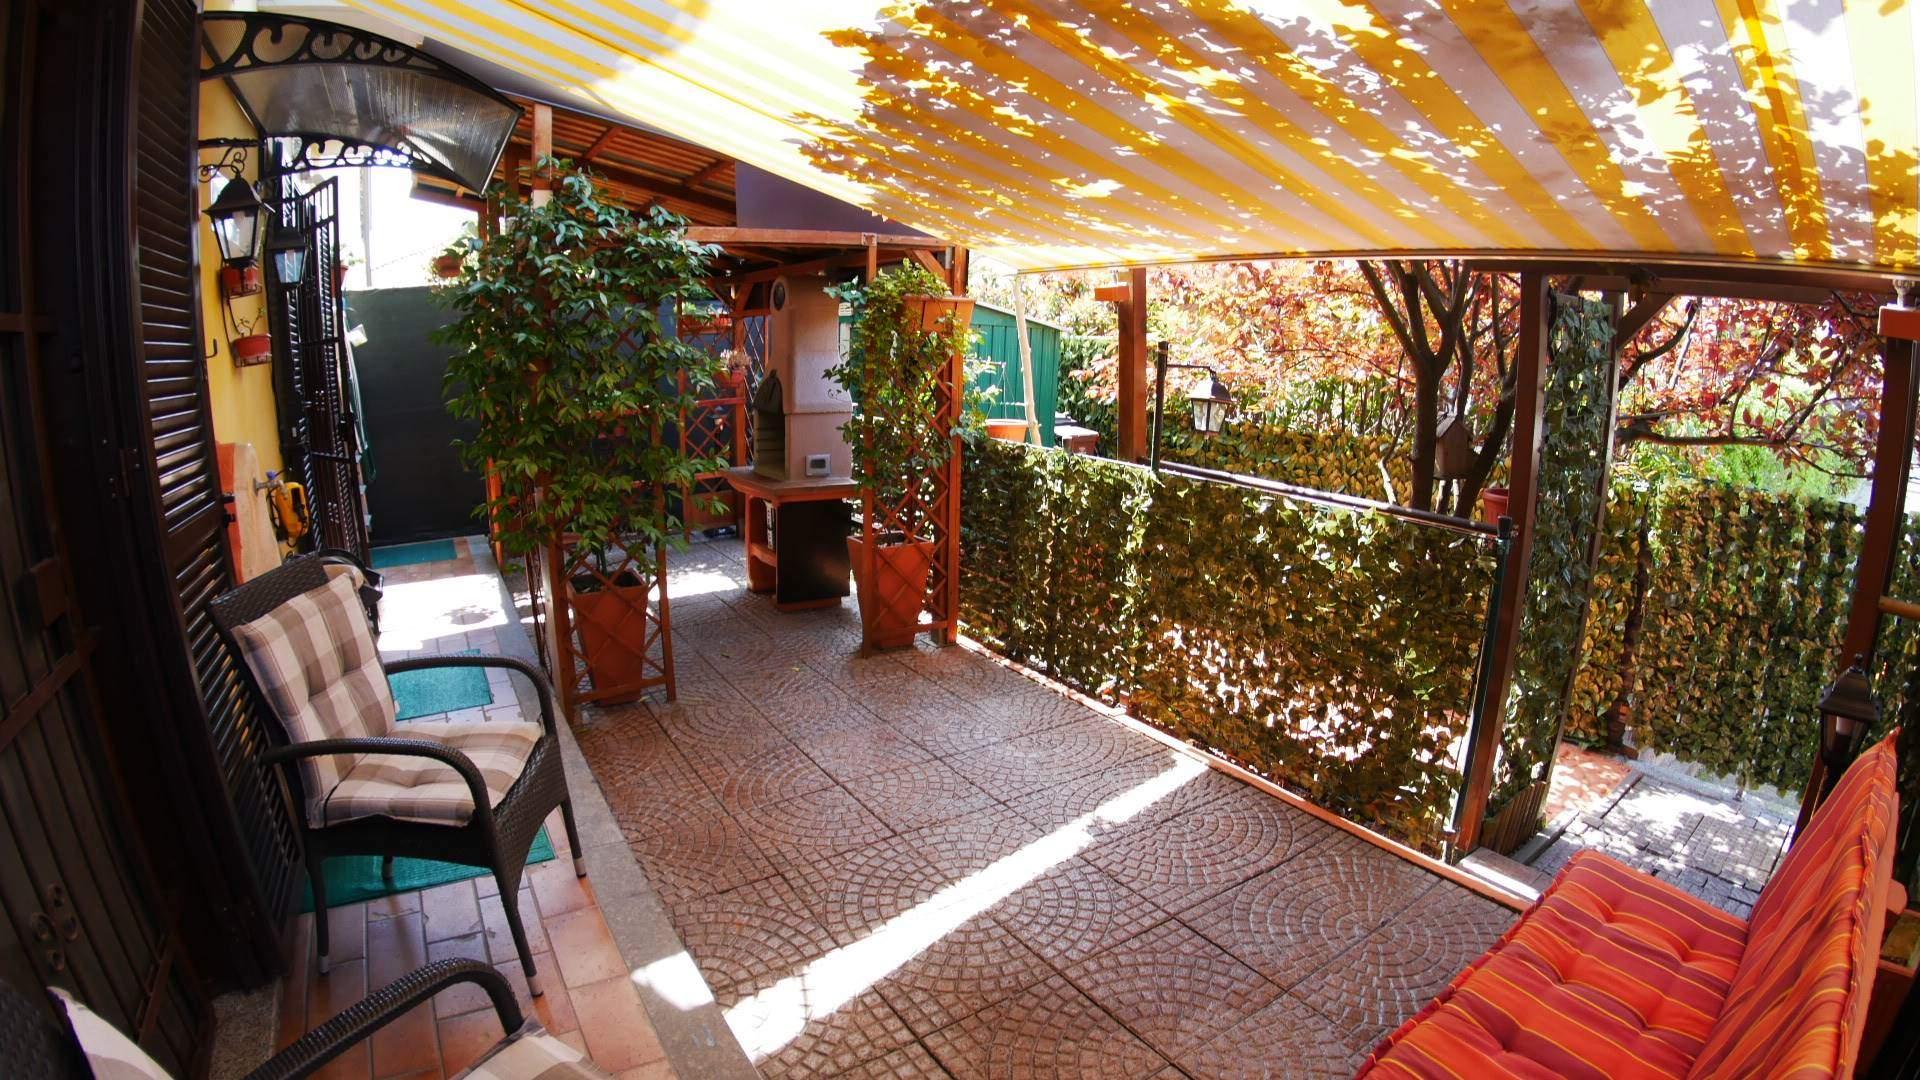 Appartamento in vendita a Serravalle Scrivia, 3 locali, zona Località: CA' DEL SOLE, prezzo € 94.000 | PortaleAgenzieImmobiliari.it